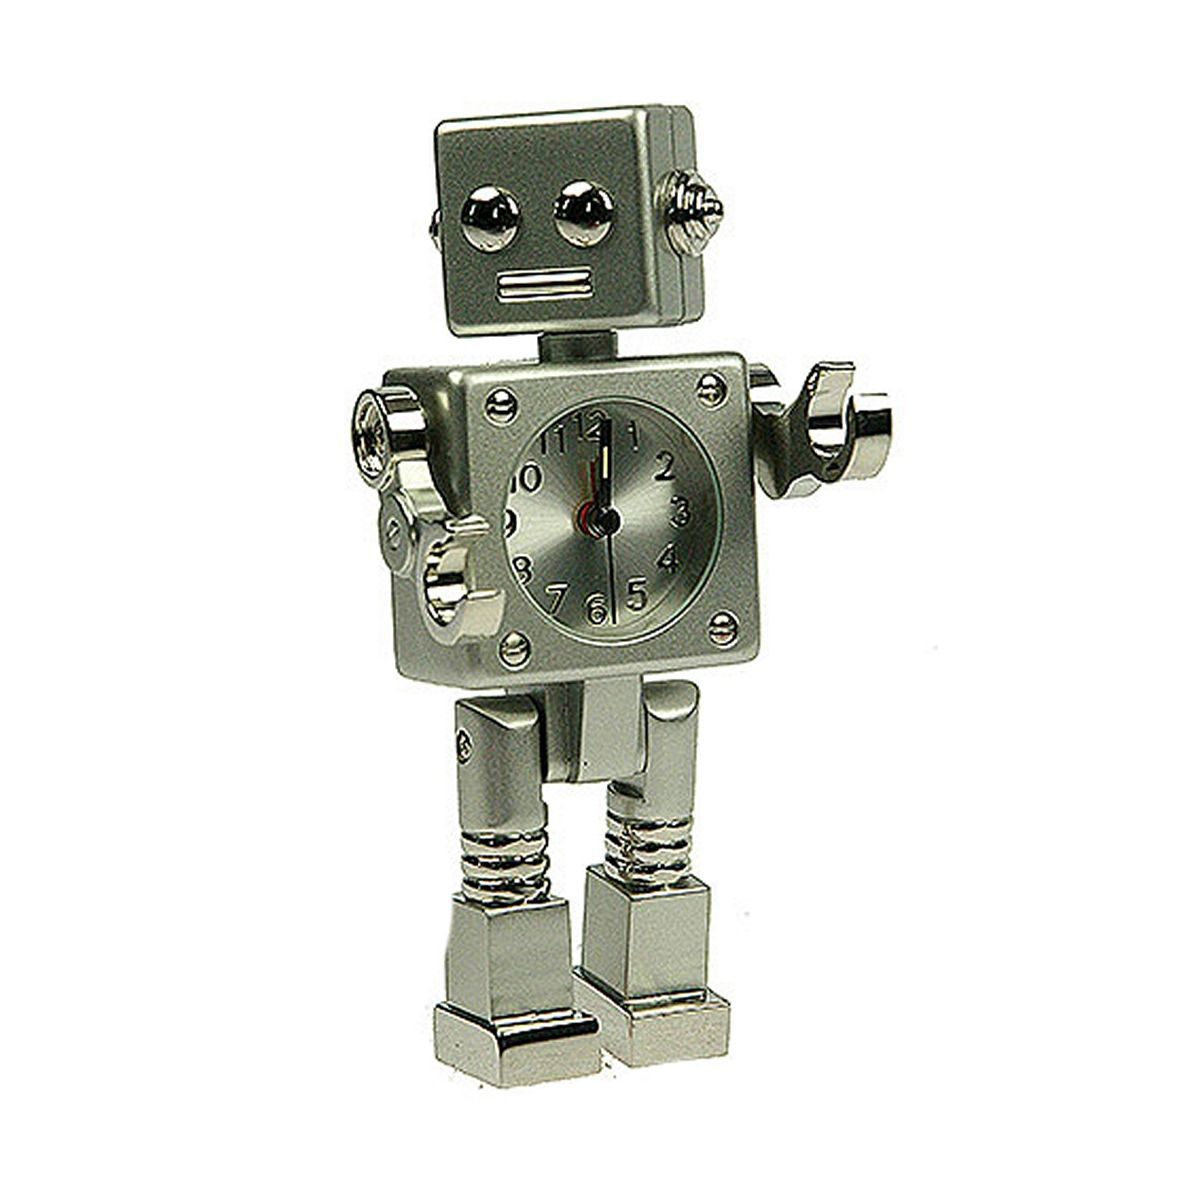 Часы настольные Русские Подарки Робот. 2243222432Настольные кварцевые часы Русские Подарки Робот изготовлены из металла. Изделие оригинально оформлено в виде робота. Часы имеют три стрелки - часовую, минутную и секундную.Такие часы украсят интерьер дома или рабочий стол в офисе. Также часы могут стать уникальным, полезным подарком для родственников, коллег, знакомых и близких.Часы работают от батареек типа SR626 (в комплект не входят).